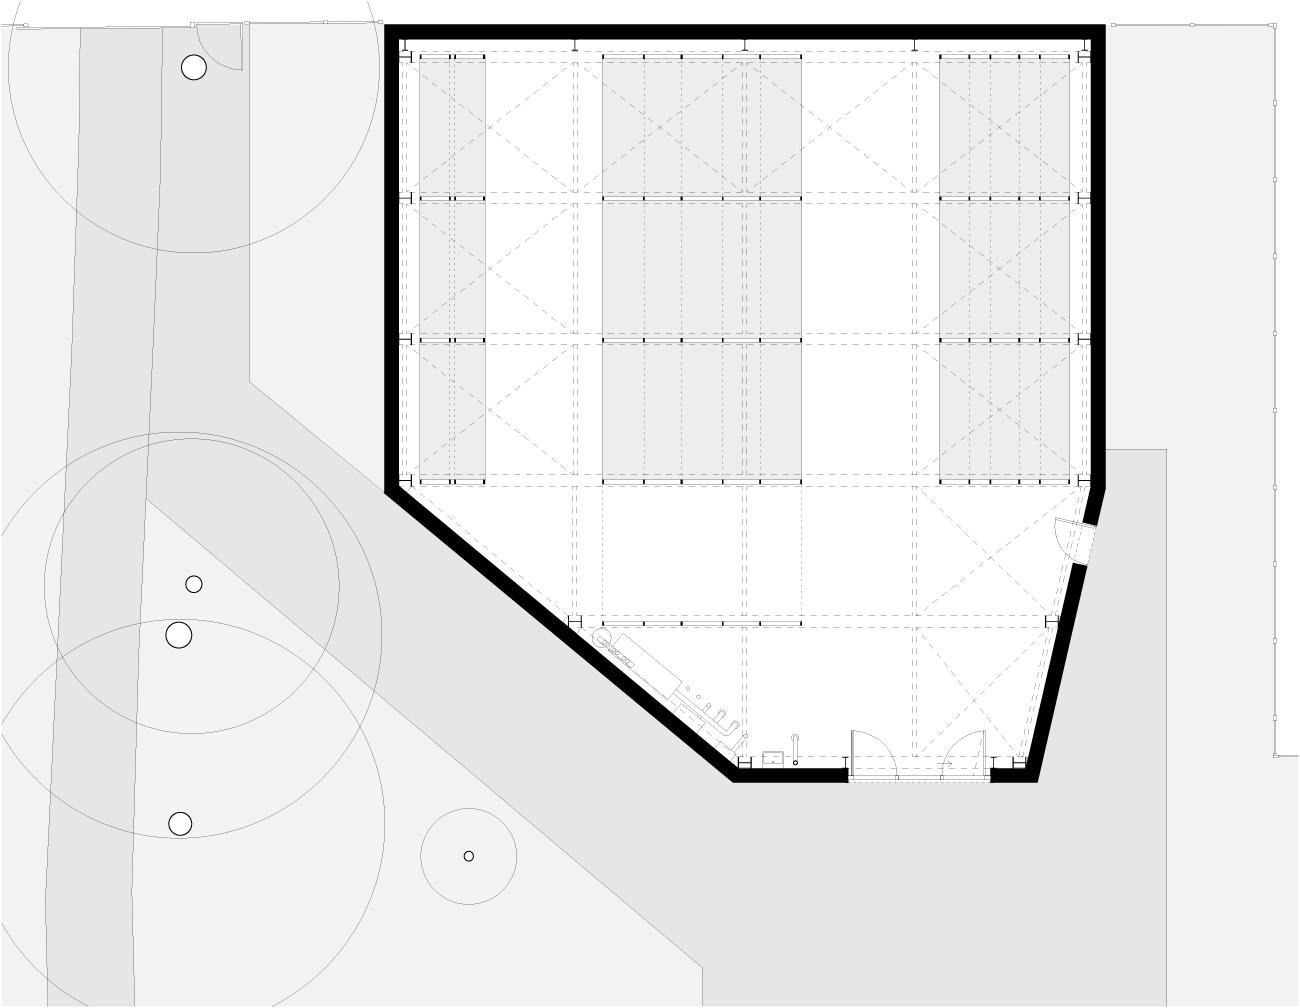 archiv-gebaeude-4-grundriss-tanja-lincke-architekten